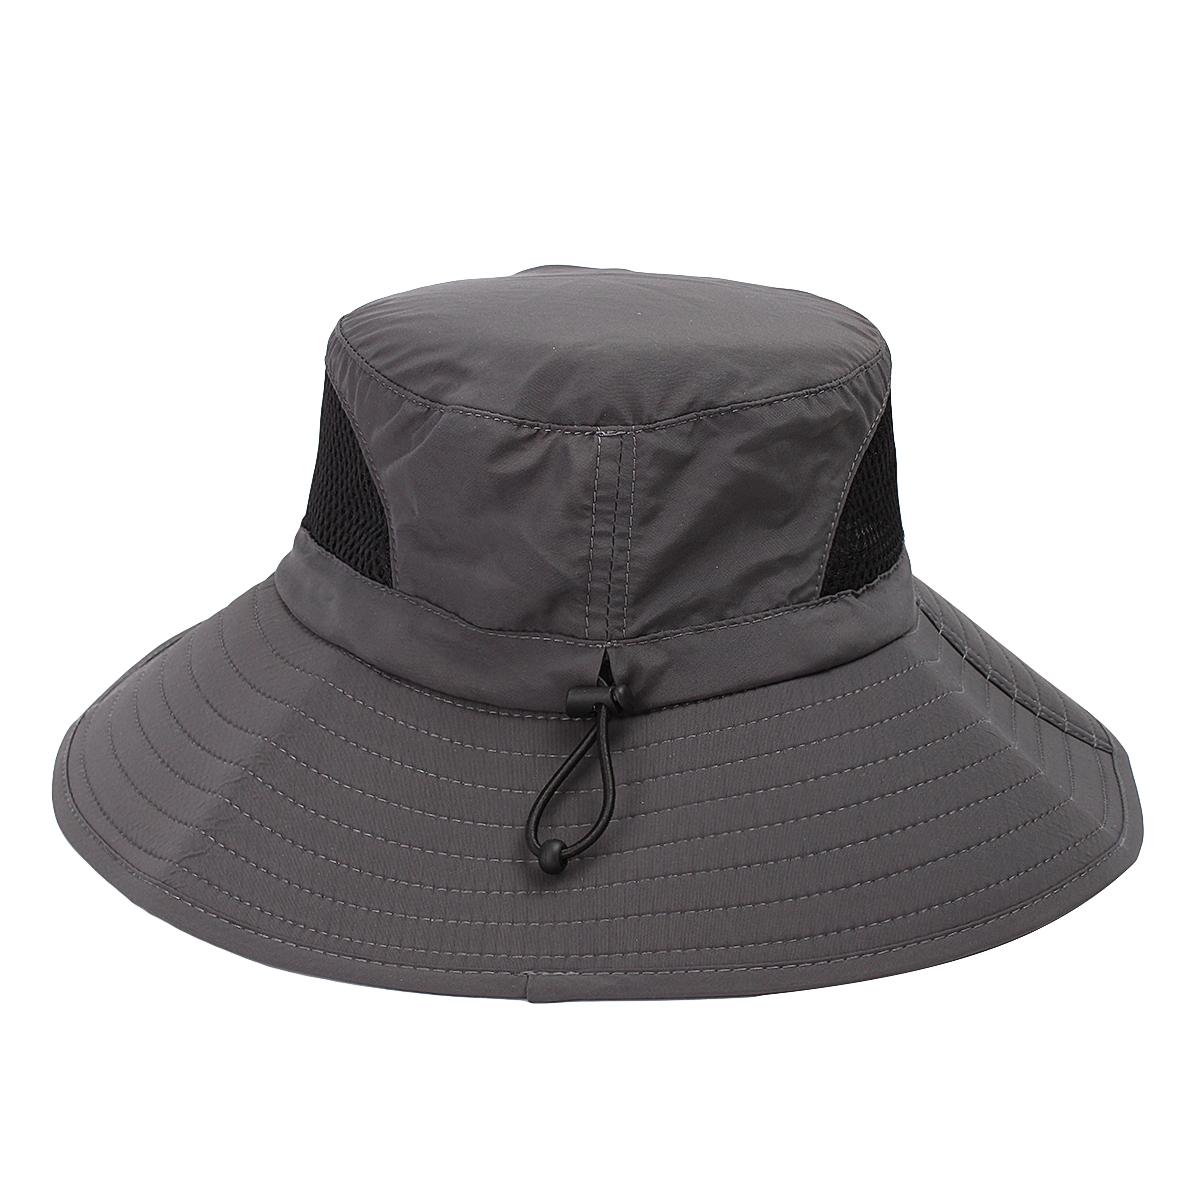 Hot mens women wide brim outdoor camping fishing caps sun for Womens fishing hat